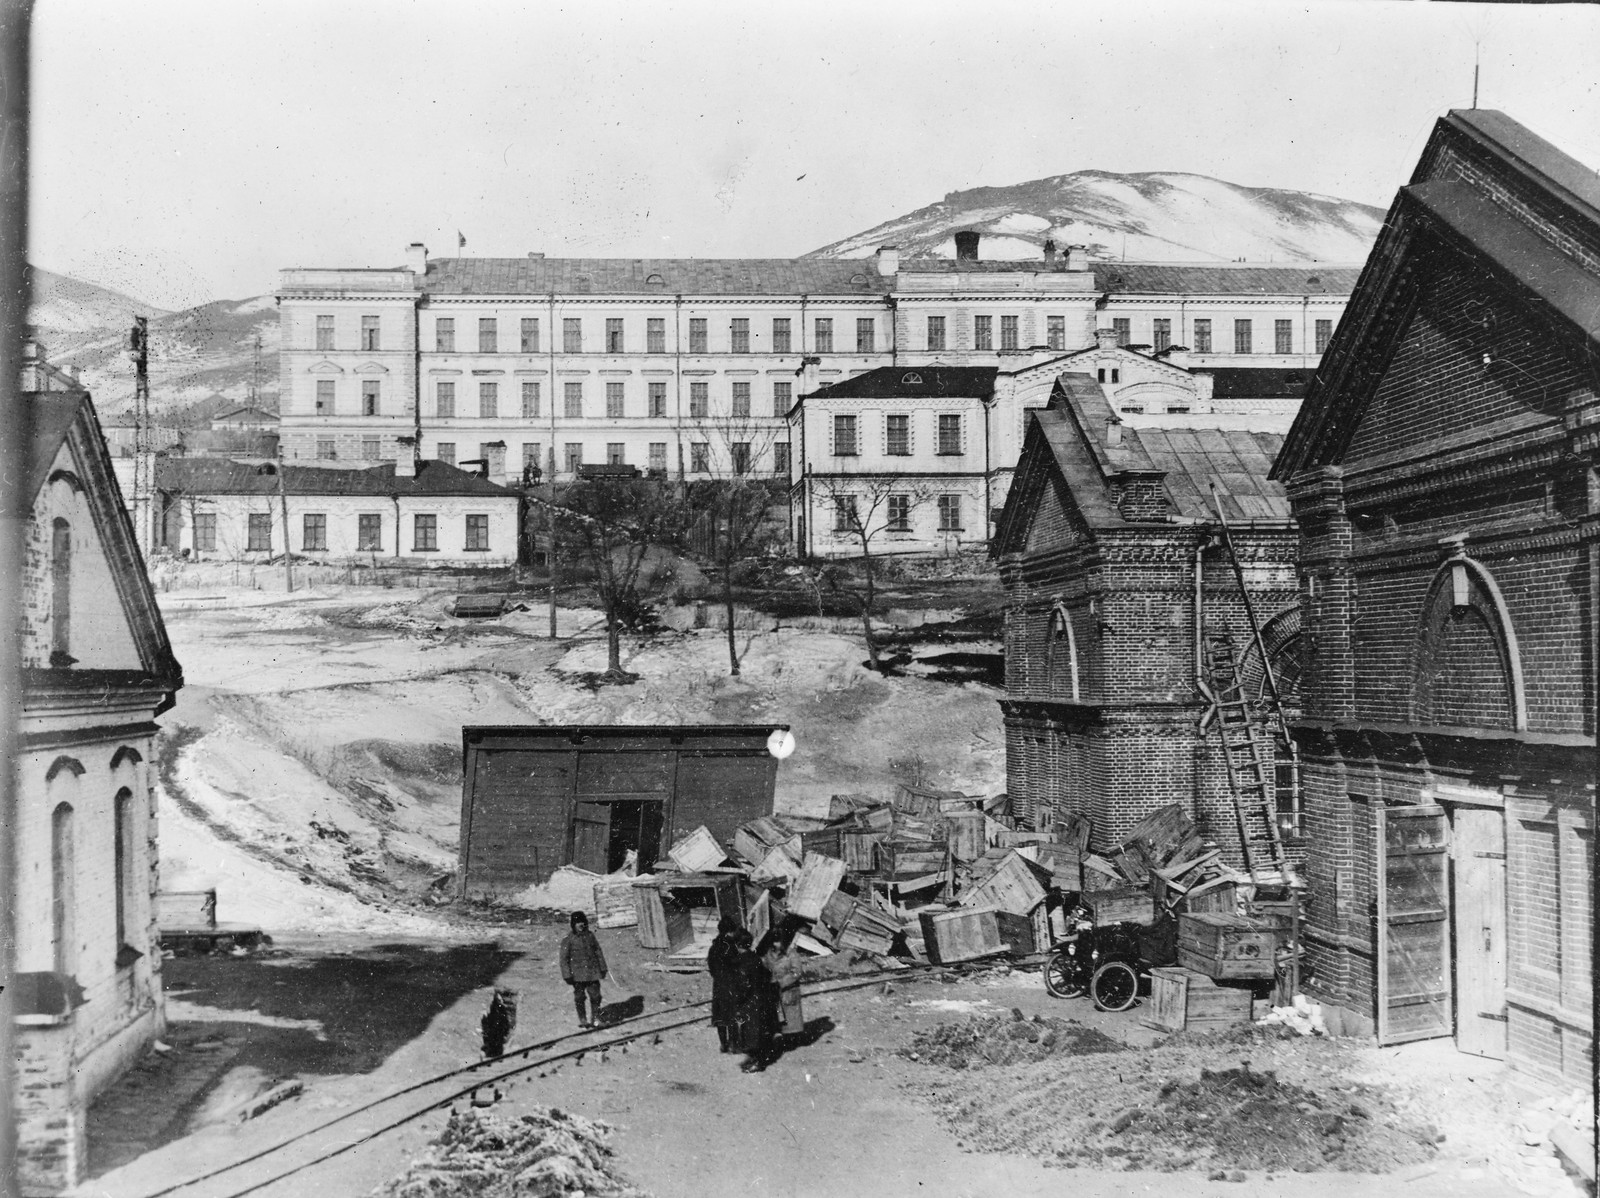 10. 1919. Владивосток. Больница для беженцев. Часть здания также используется в качестве жилого помещения для персонала Американского Красного Креста